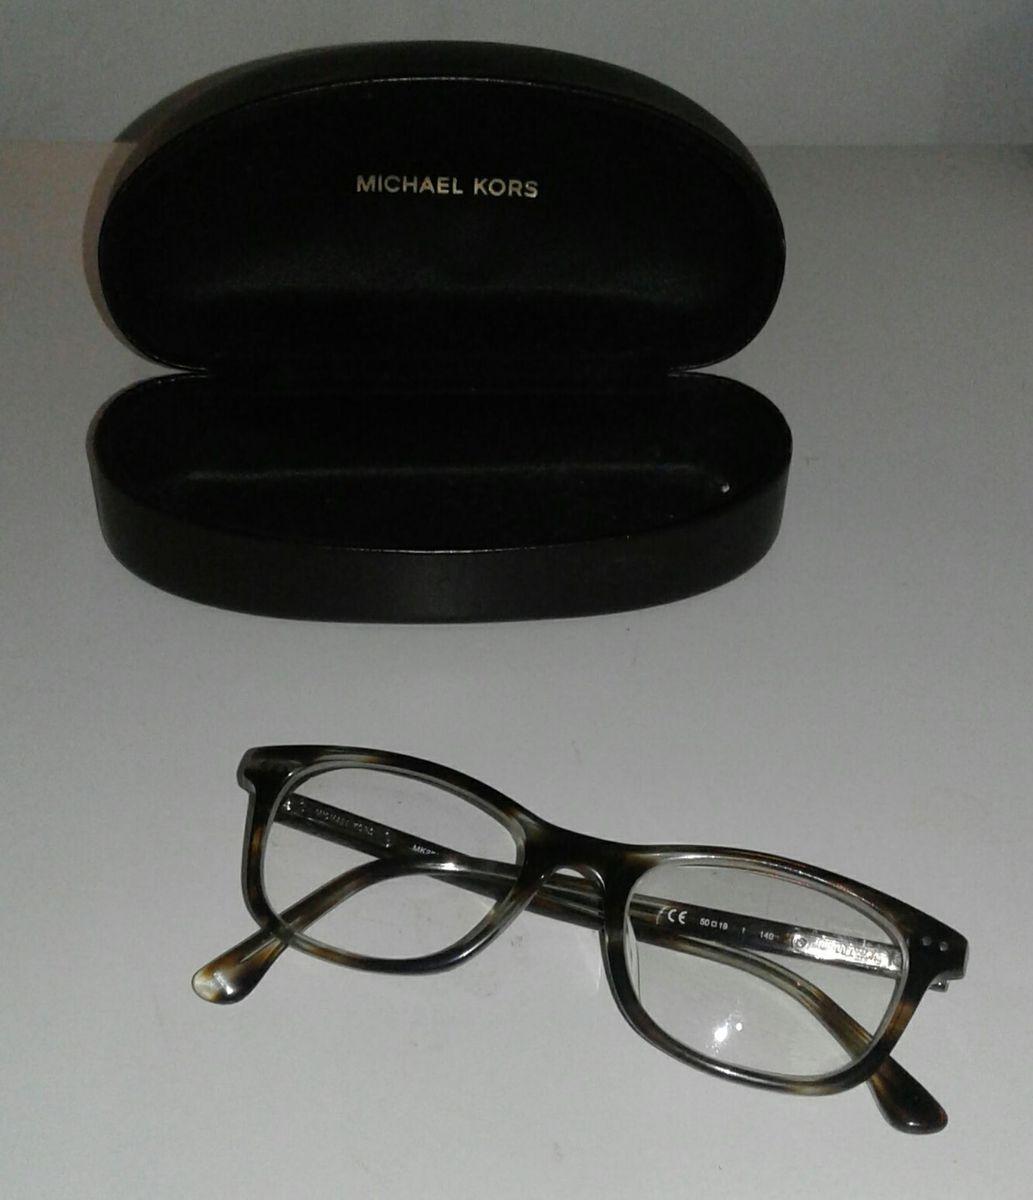 armação de óculos - óculos michael-kors.  Czm6ly9wag90b3muzw5qb2vplmnvbs5ici9wcm9kdwn0cy81odizotk3l2mwzju0nmvkodyzyjm4nwzmogyzzdkwy2vimthlnwiwlmpwzw  ... 2a1e21d3cd